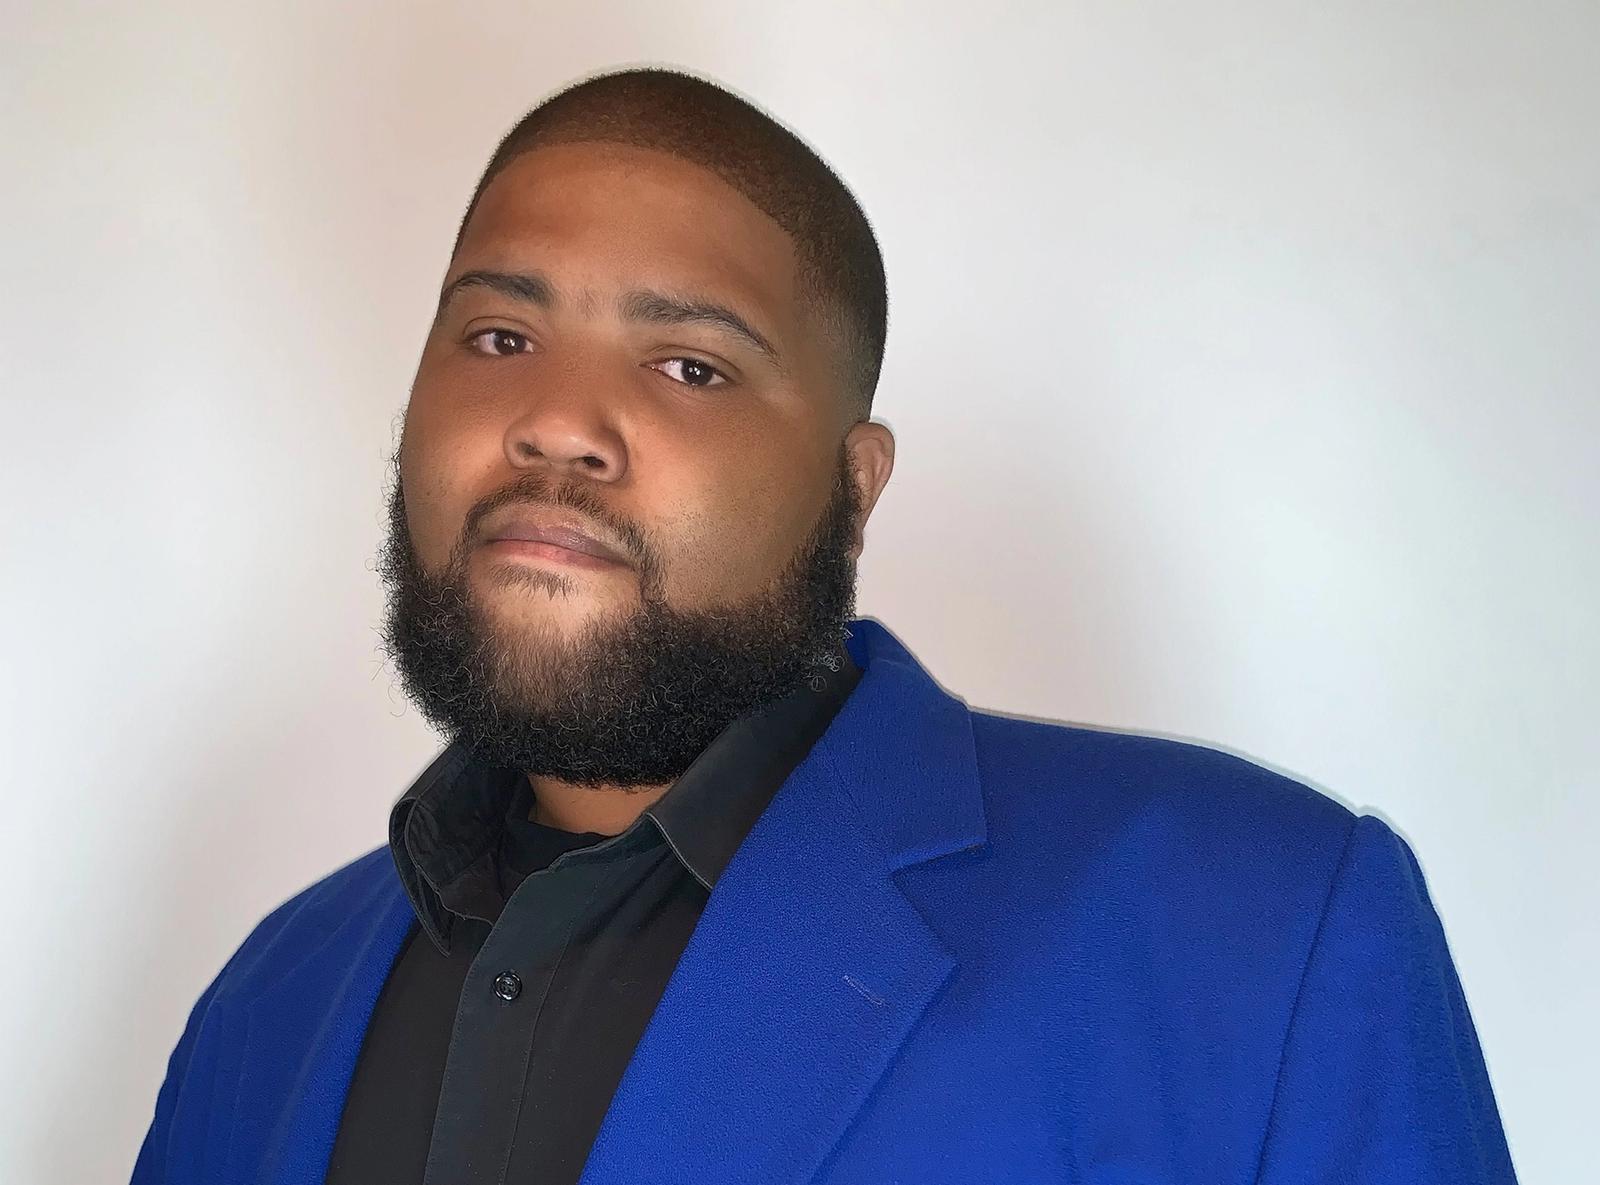 Terrell Butler